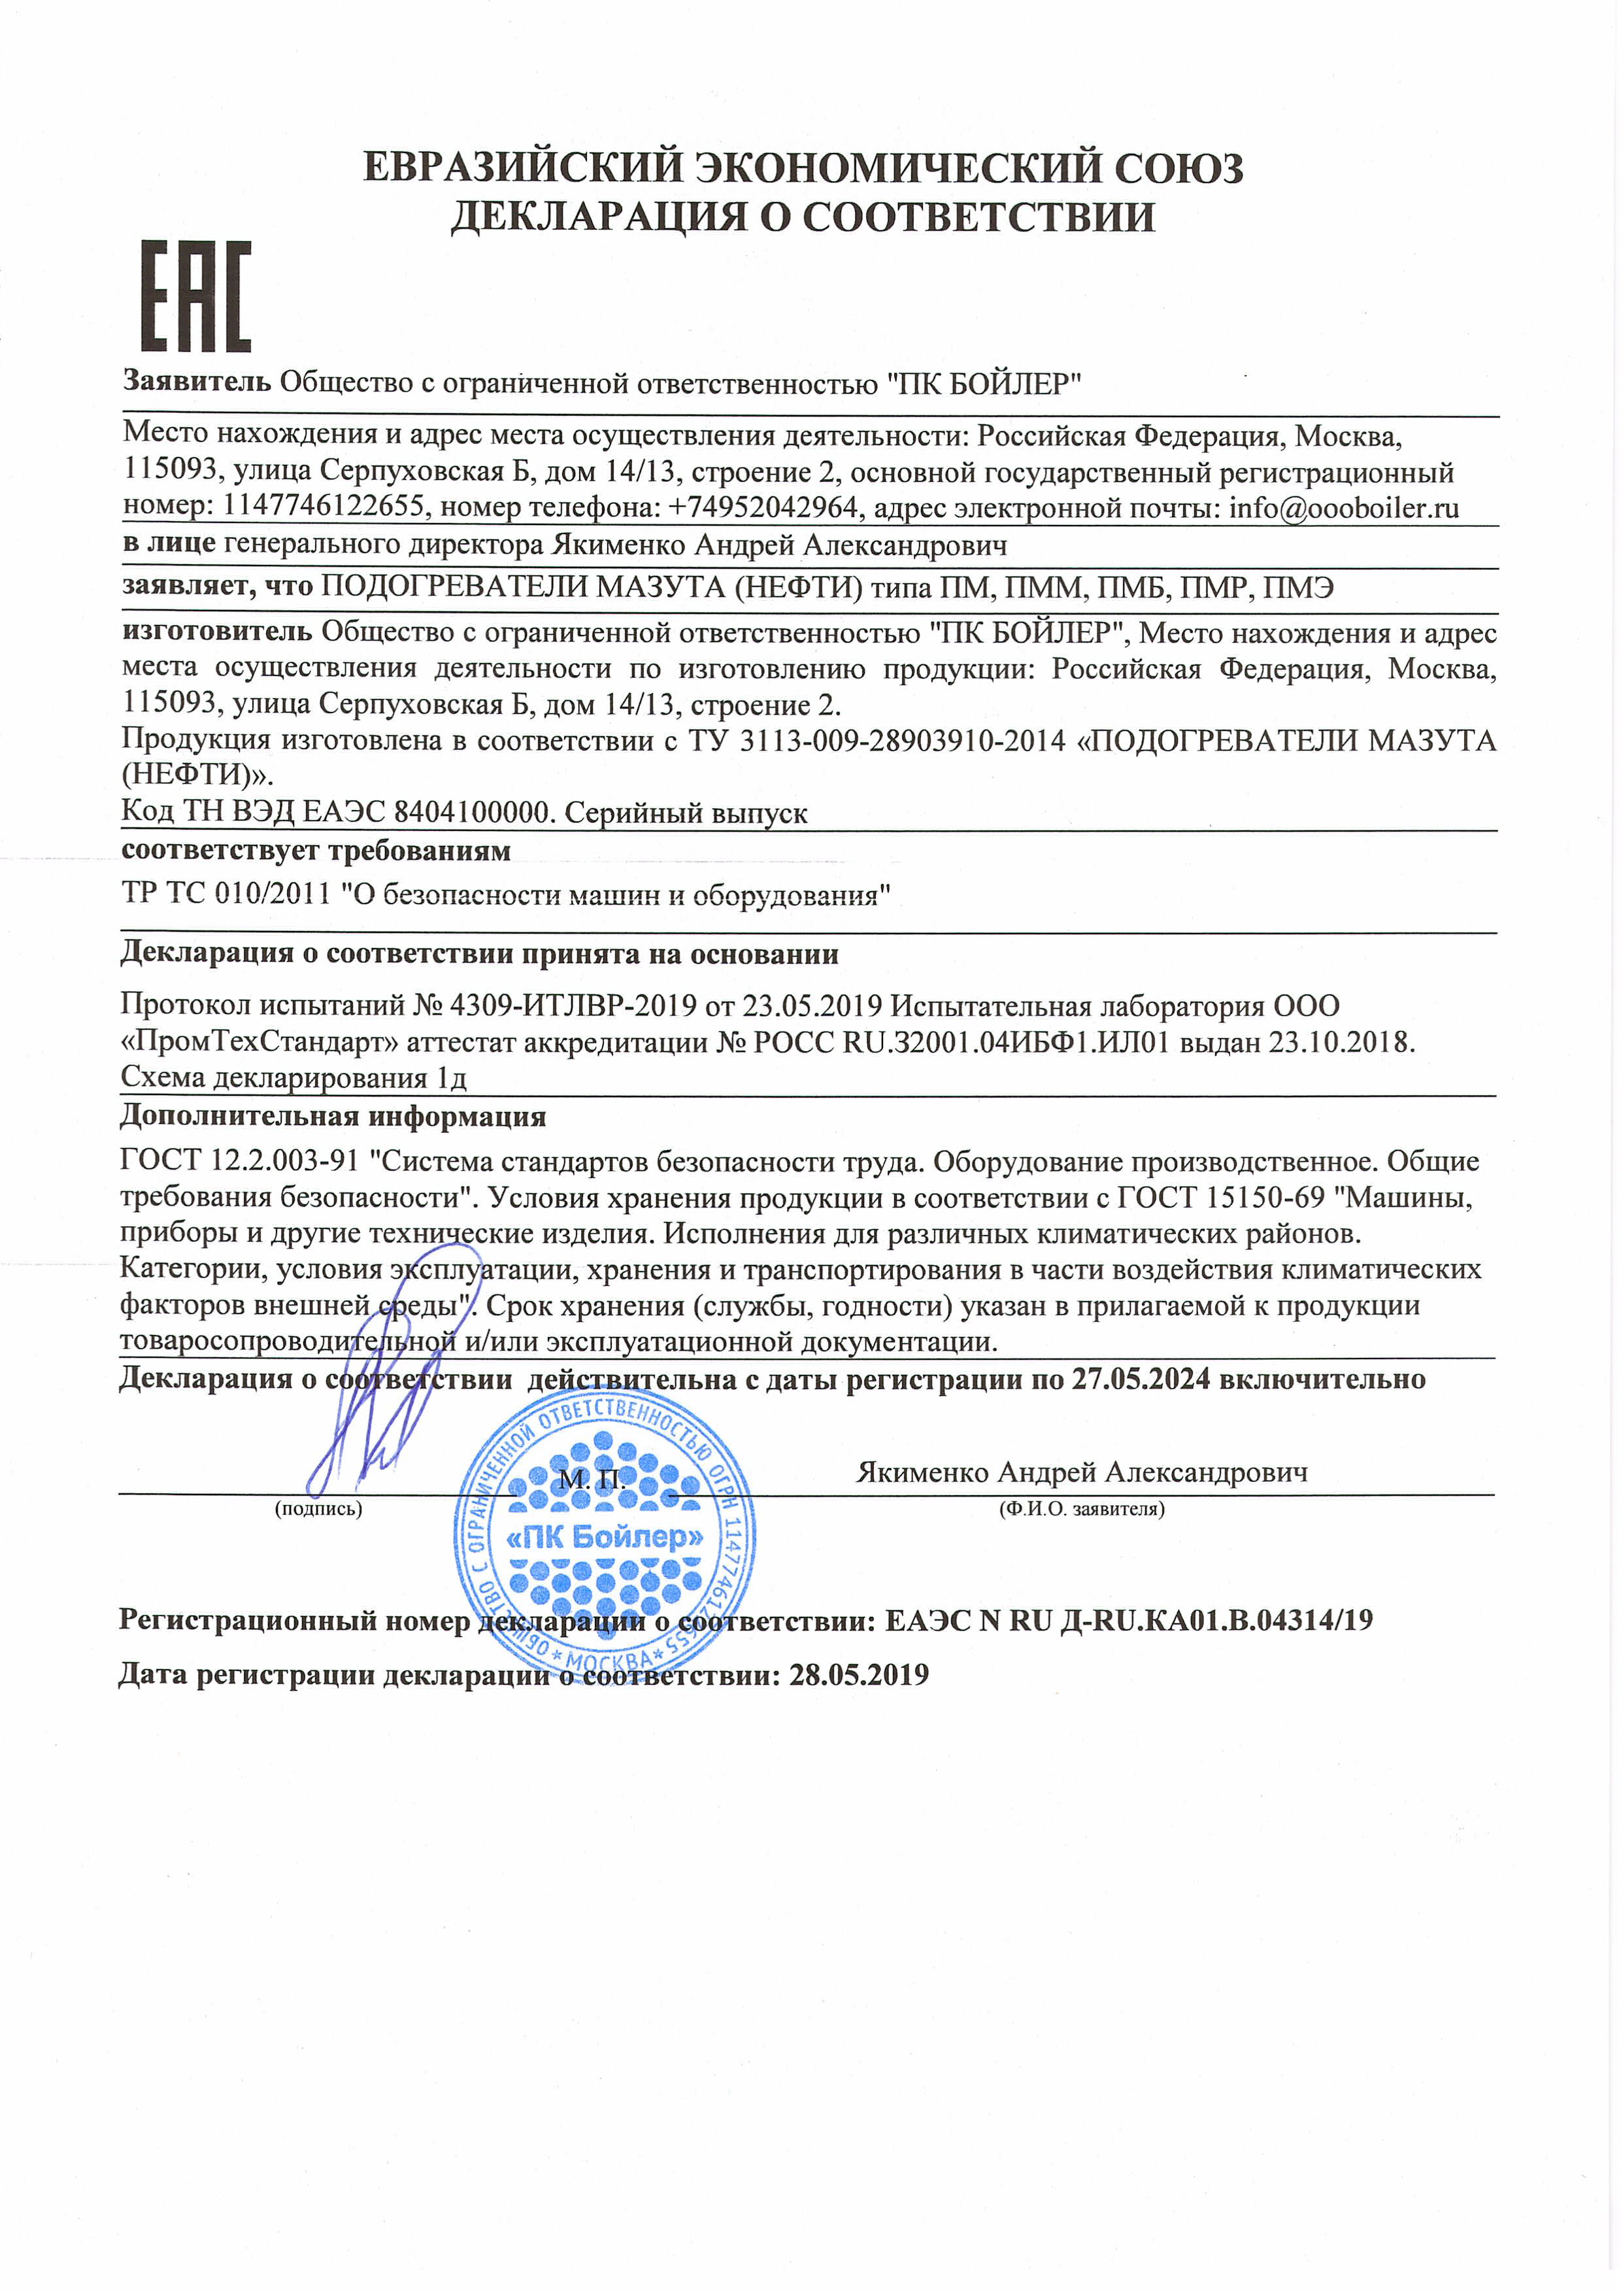 Евразийский экономический союз. Декларация о соответствии. Подогреватели мазута (нефти) типа ПМ, ПММ, ПМБ, ПМР, ПМЭ.